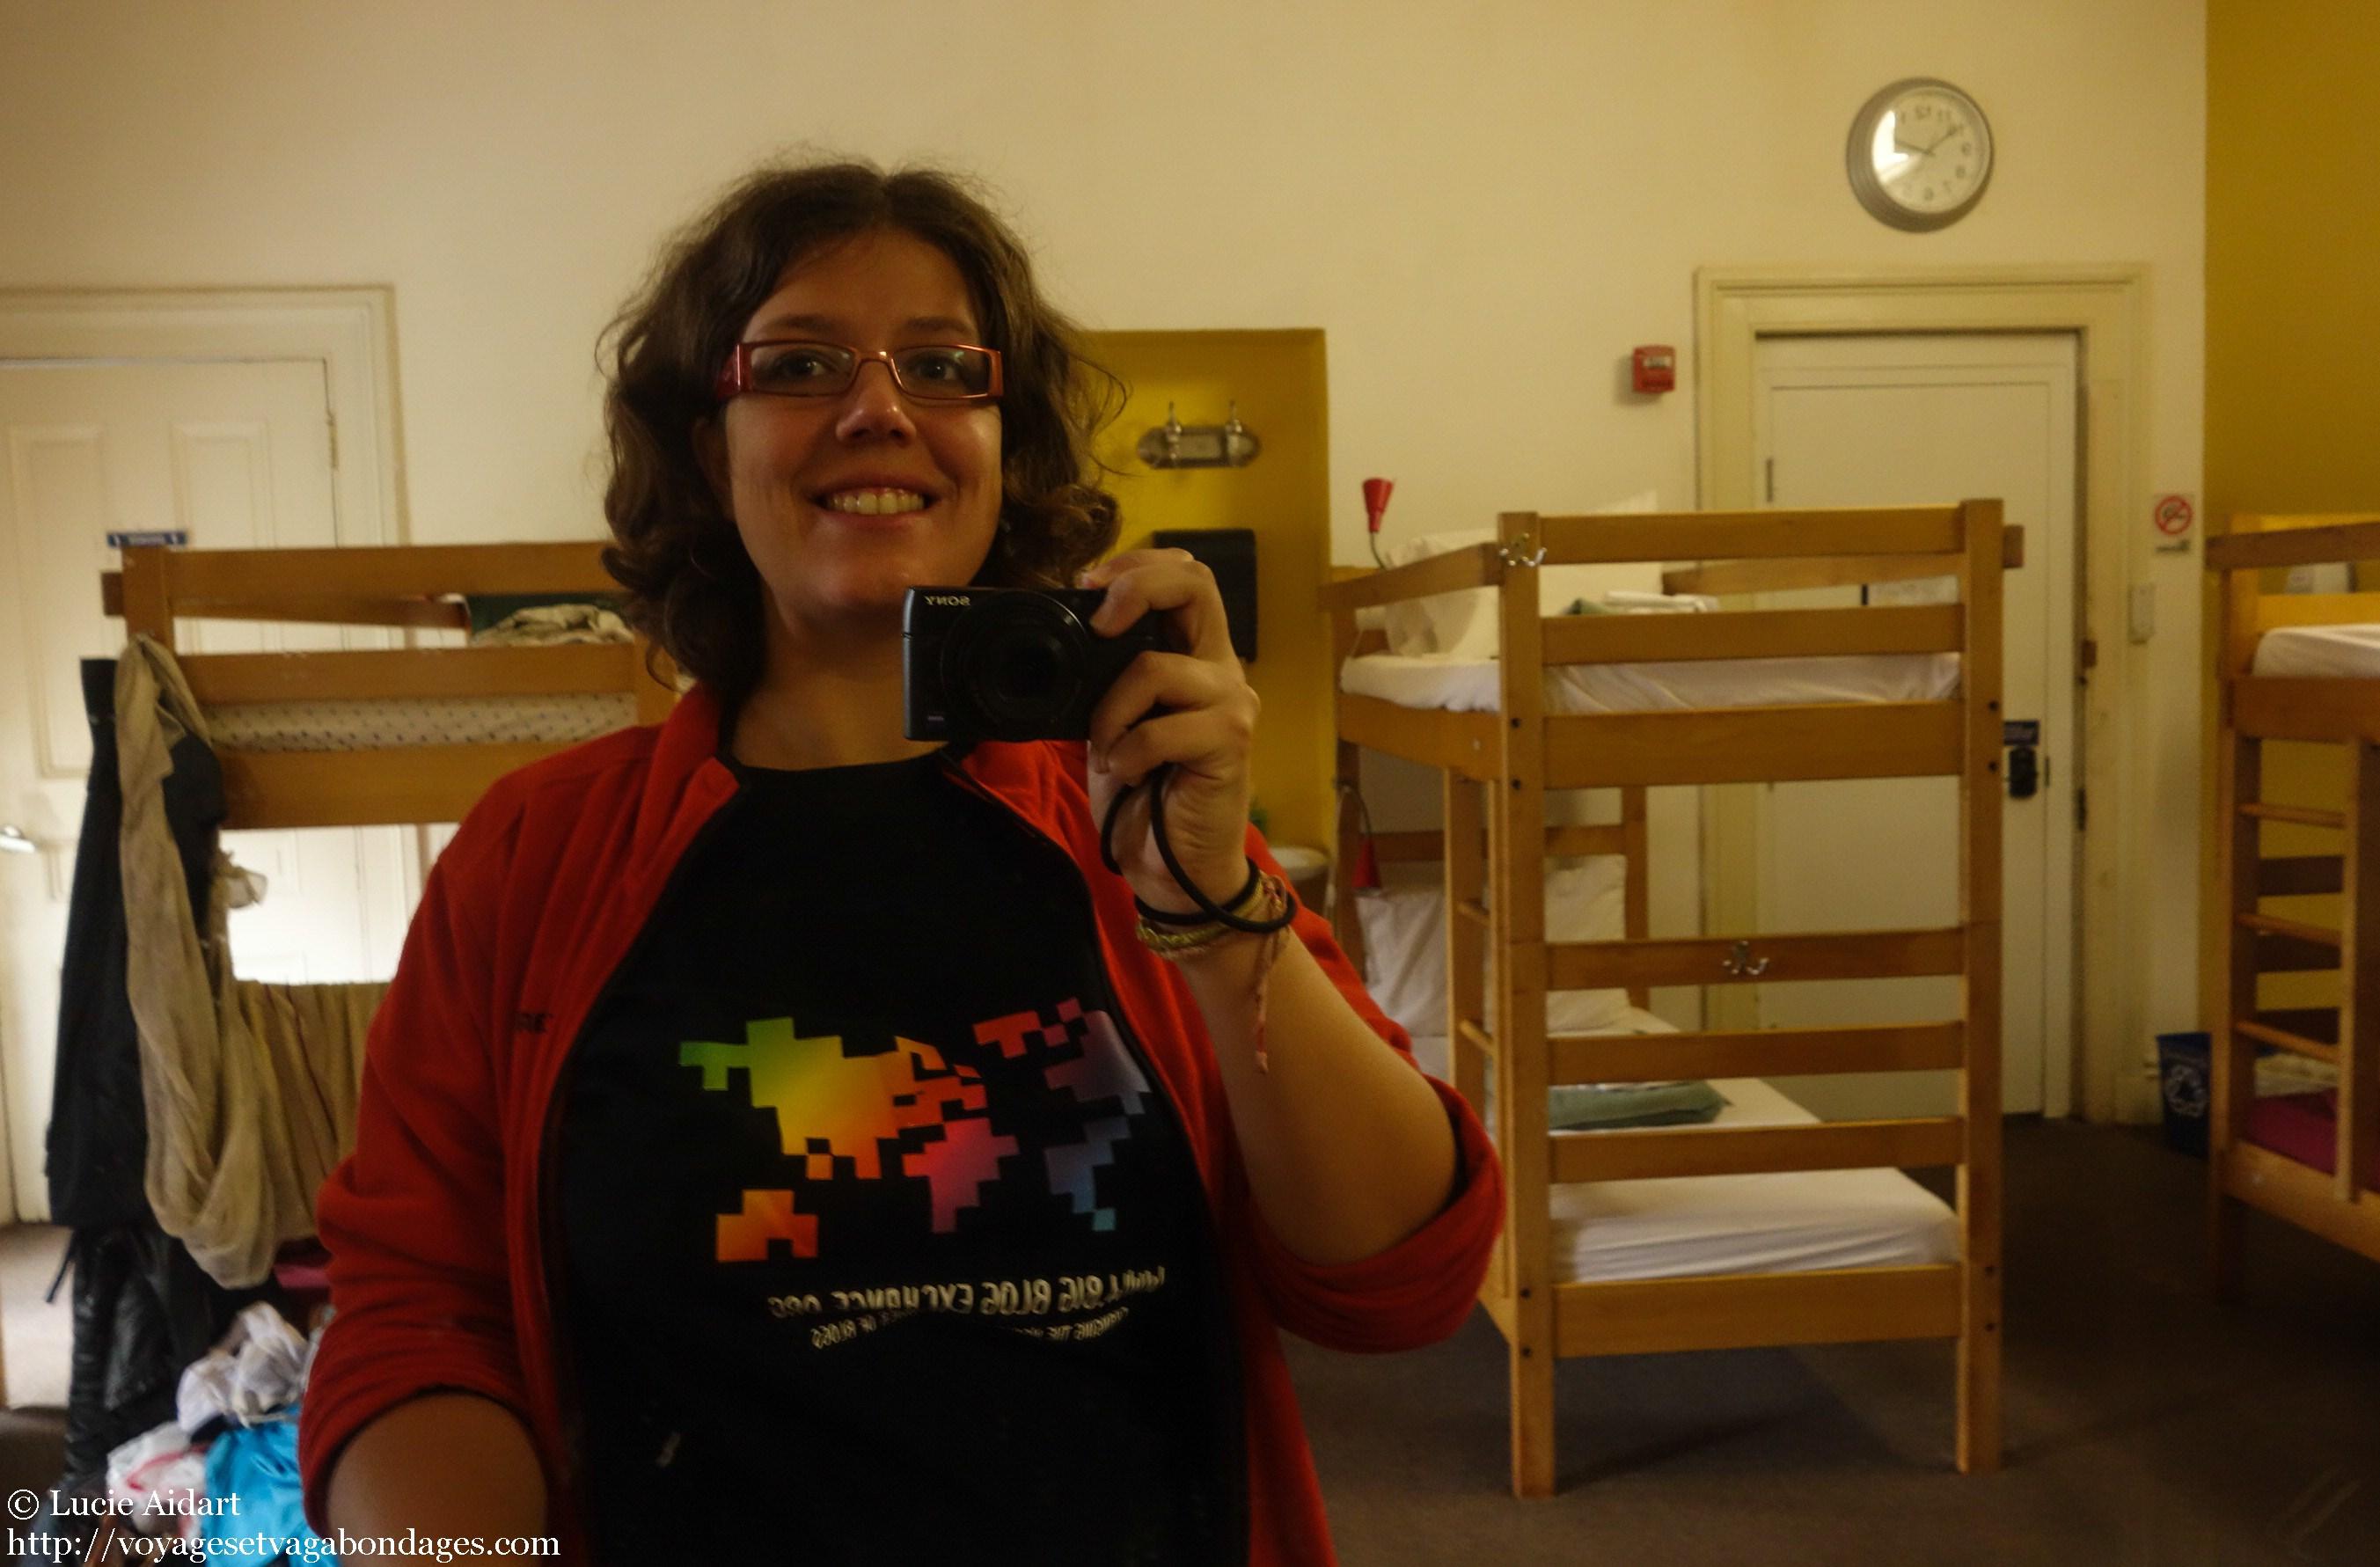 Dans une auberge Hostelling International à Baltimore, Etats-Unis